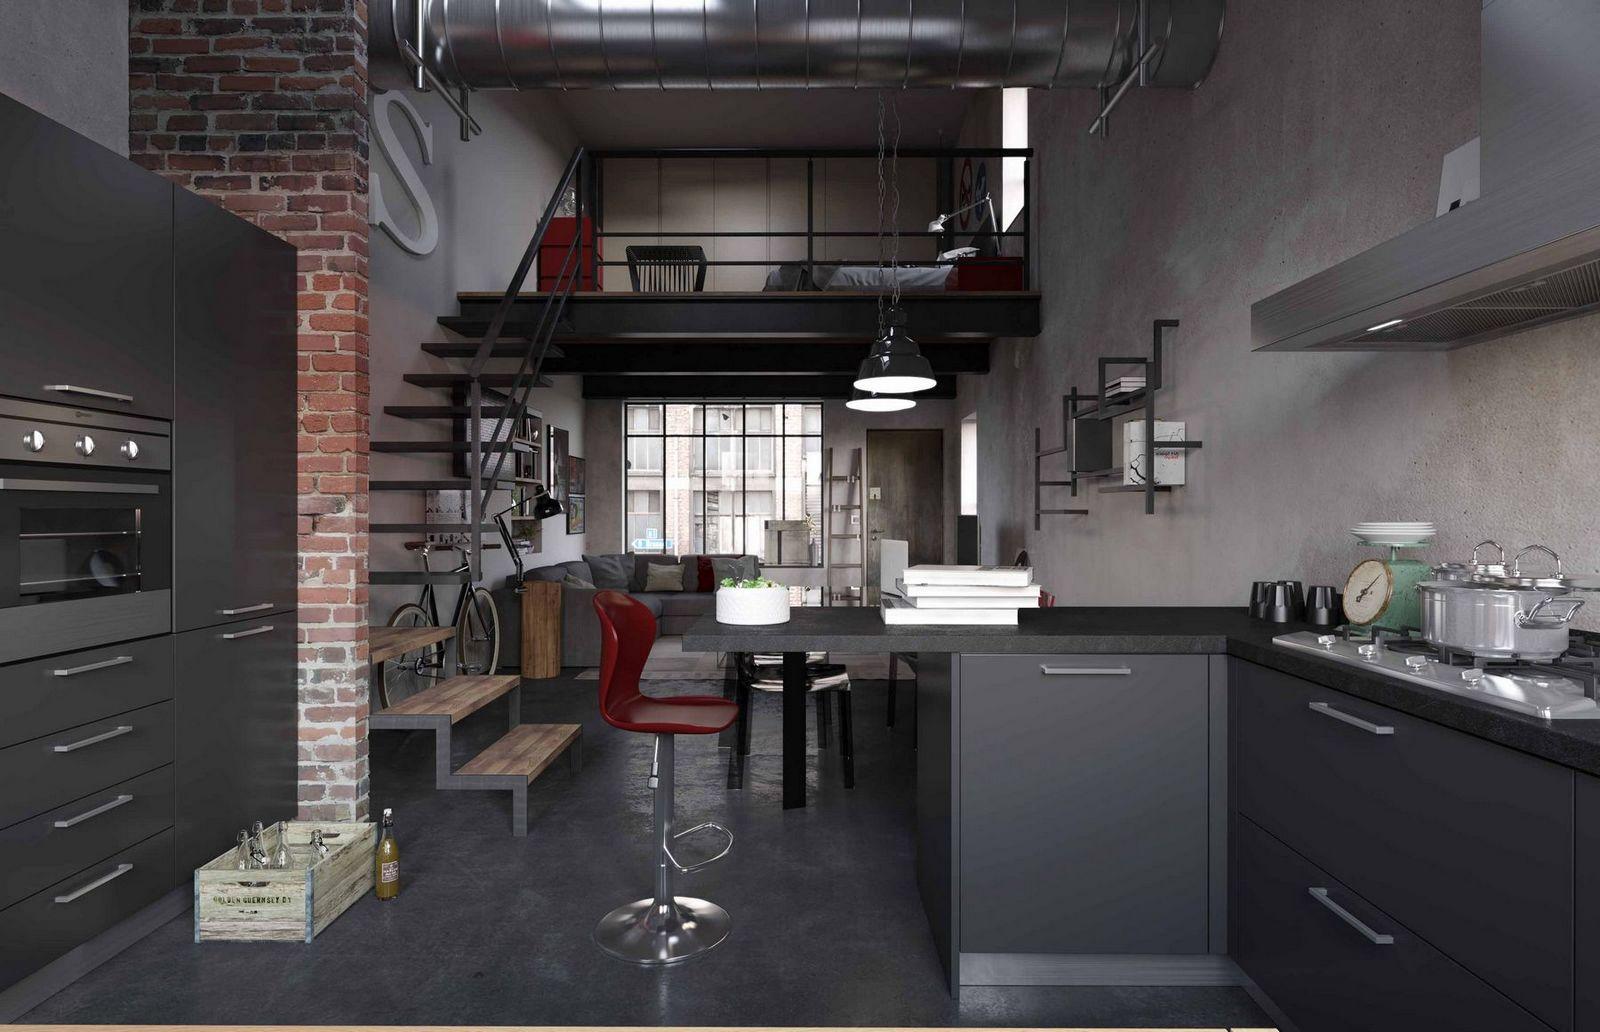 Le cucine collezione la casa moderna mariotti casa - Cucine urban style ...